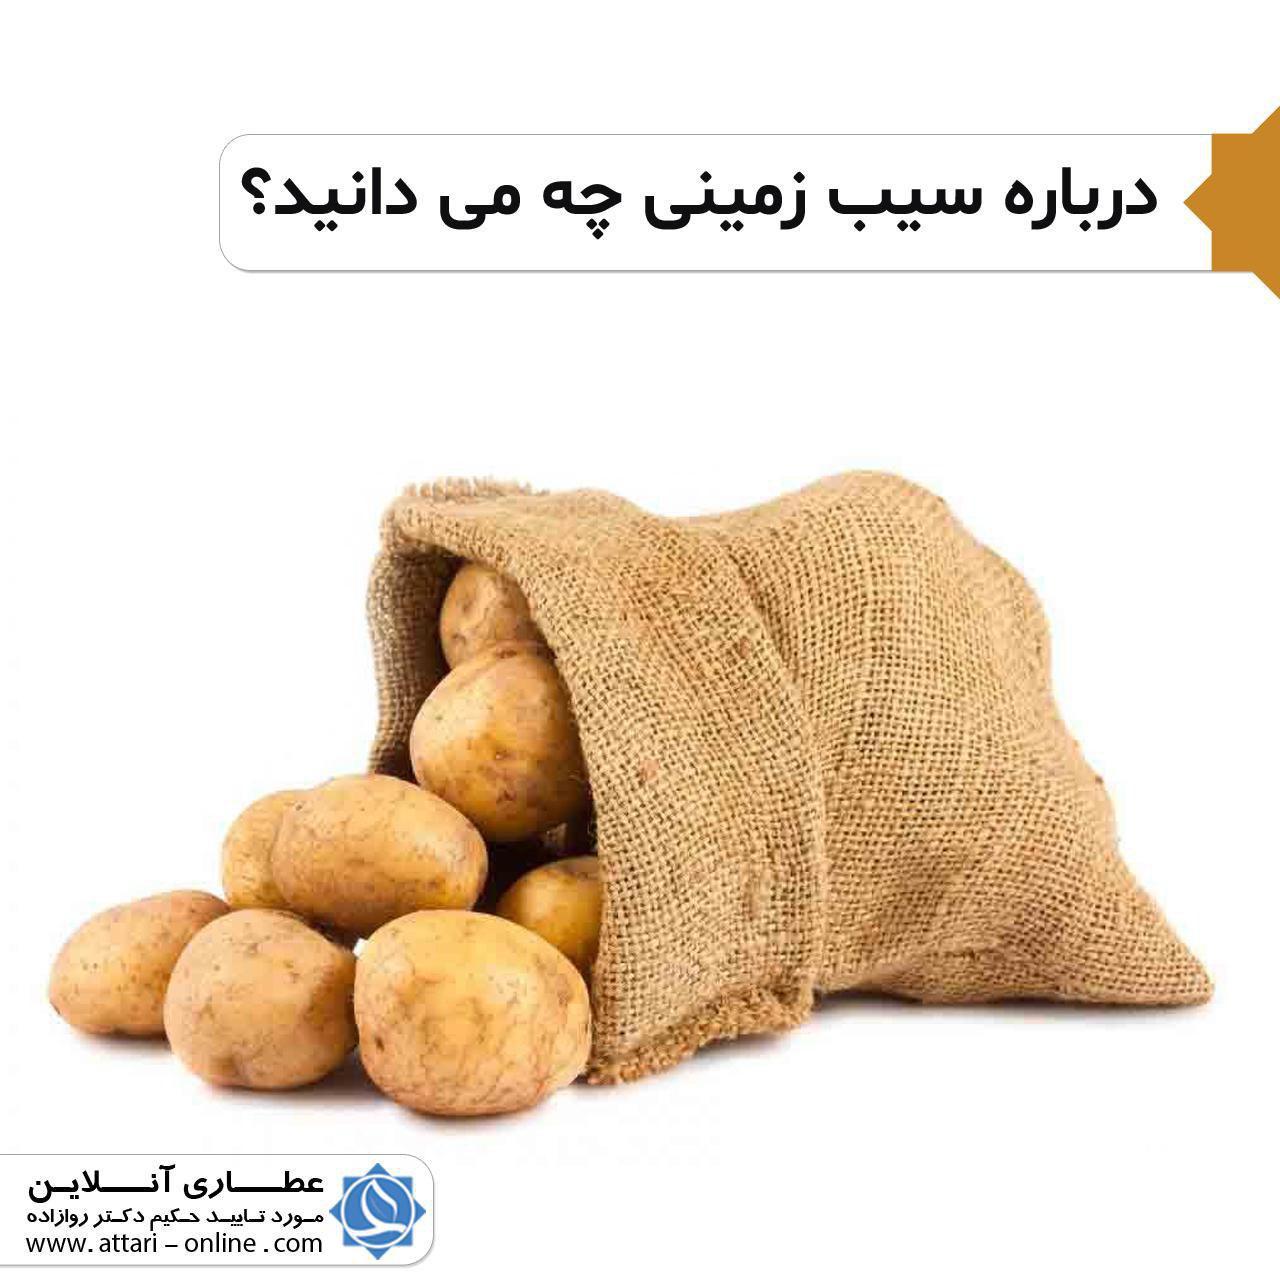 photo 2018 09 30 13 52 40 درباره سیب زمینی چه می دانید؟!